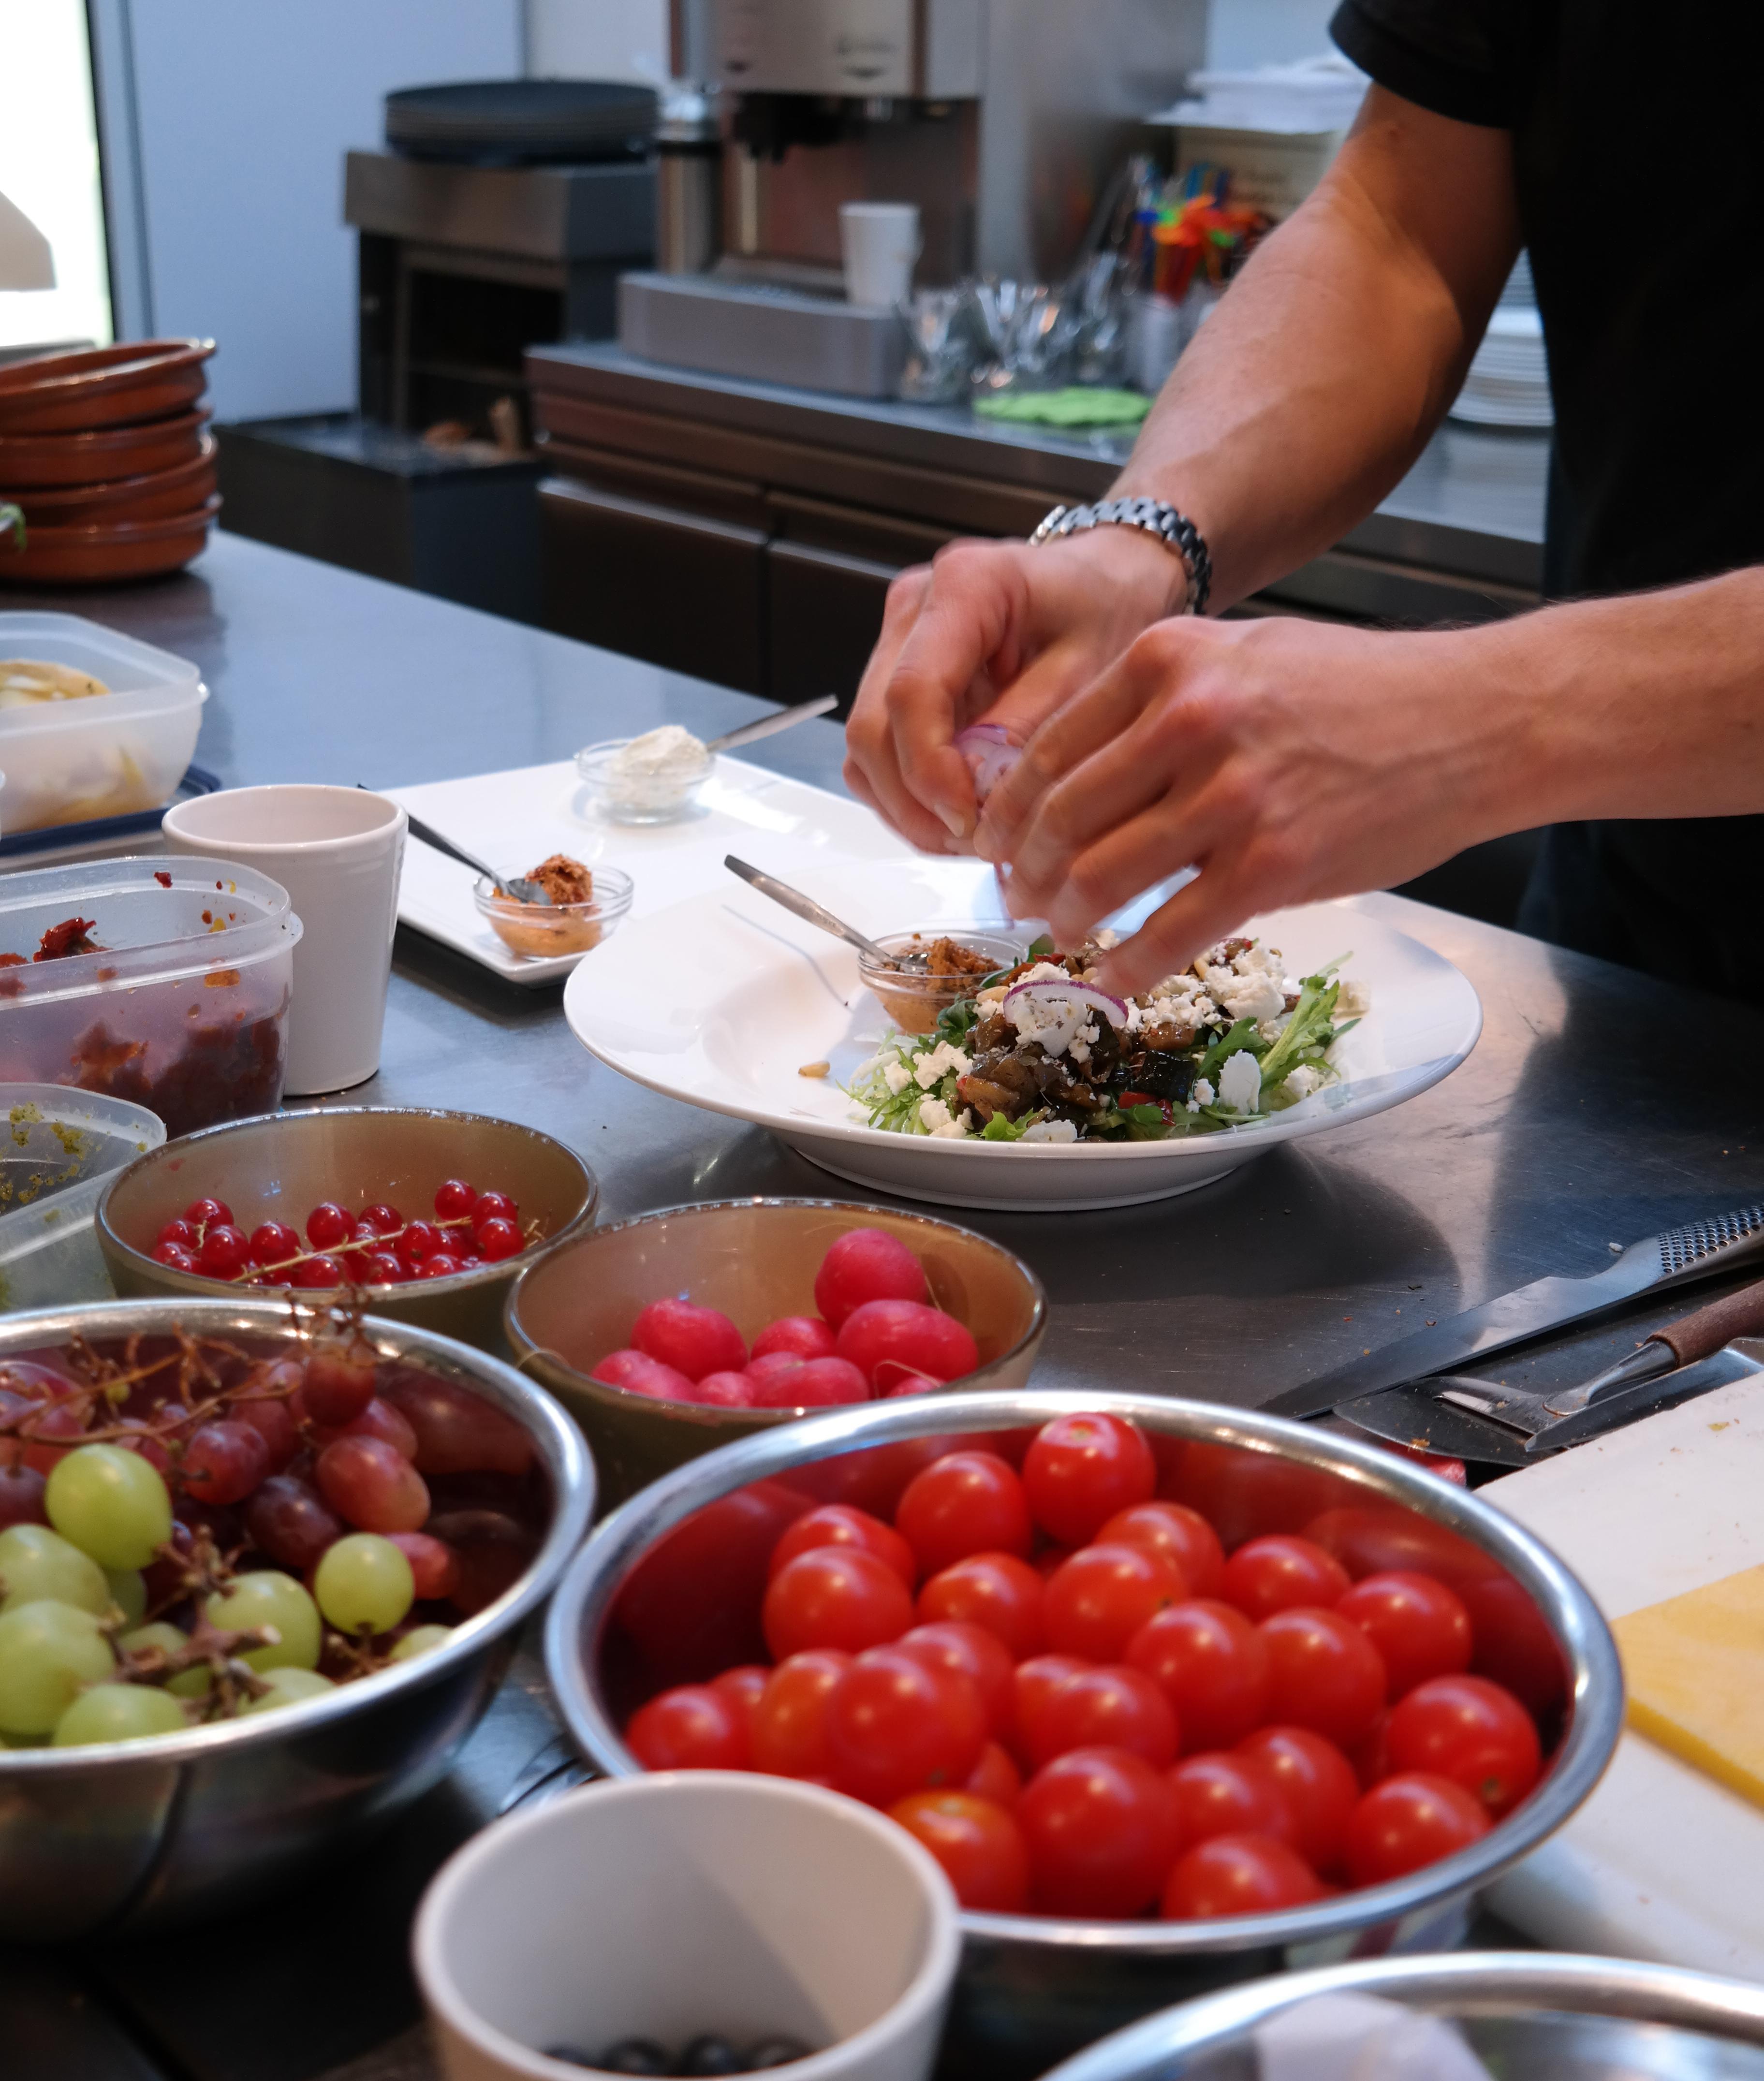 Workshop koken in theorie en praktijk!